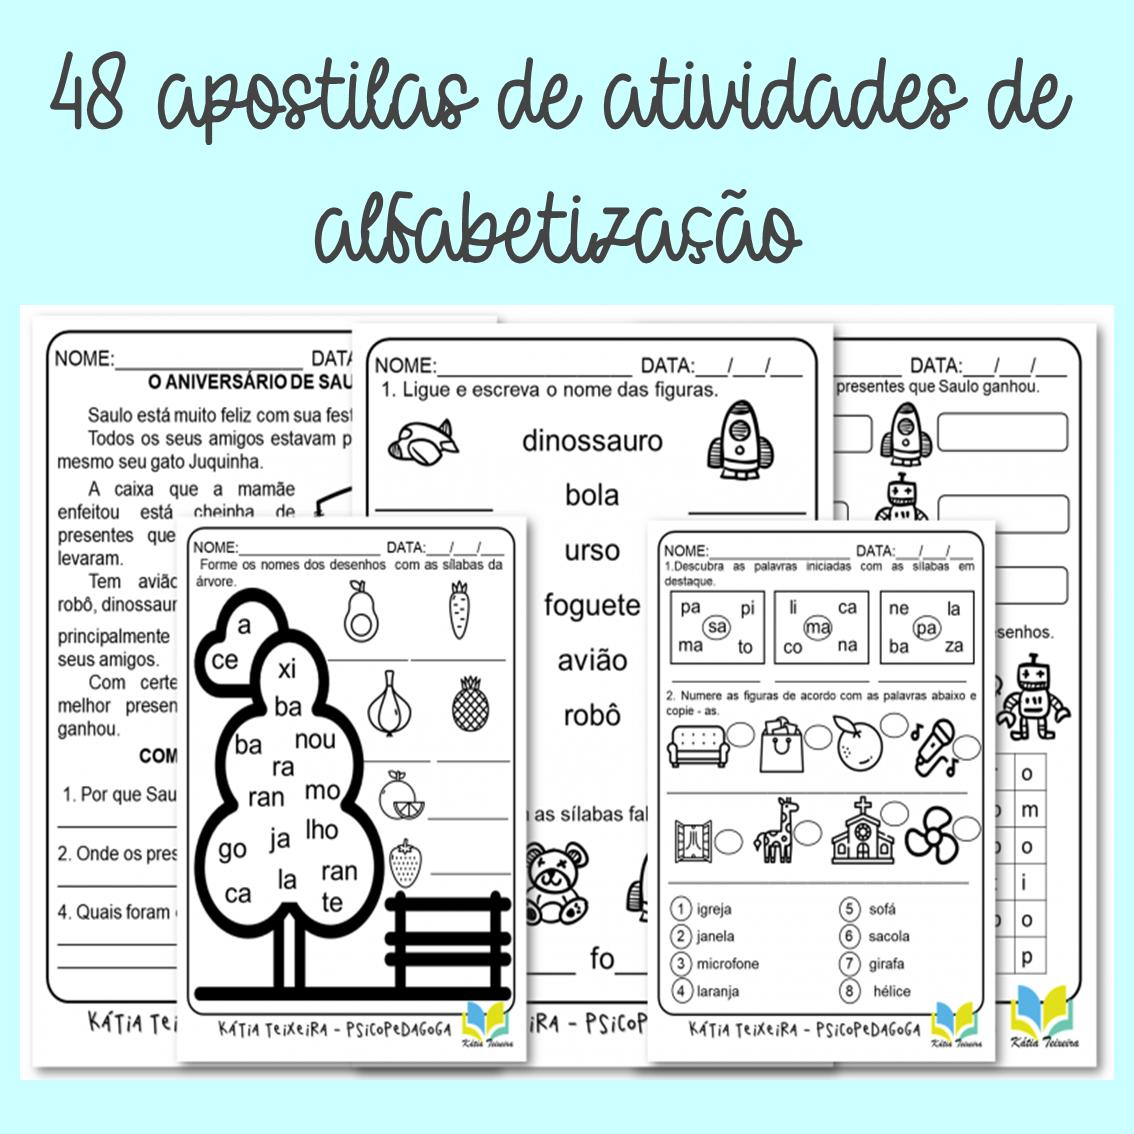 Foto 1 - 48 Apostilas de Atividades de Alfabetização: palavras geradoras, alfabetização, leitura e interpretação